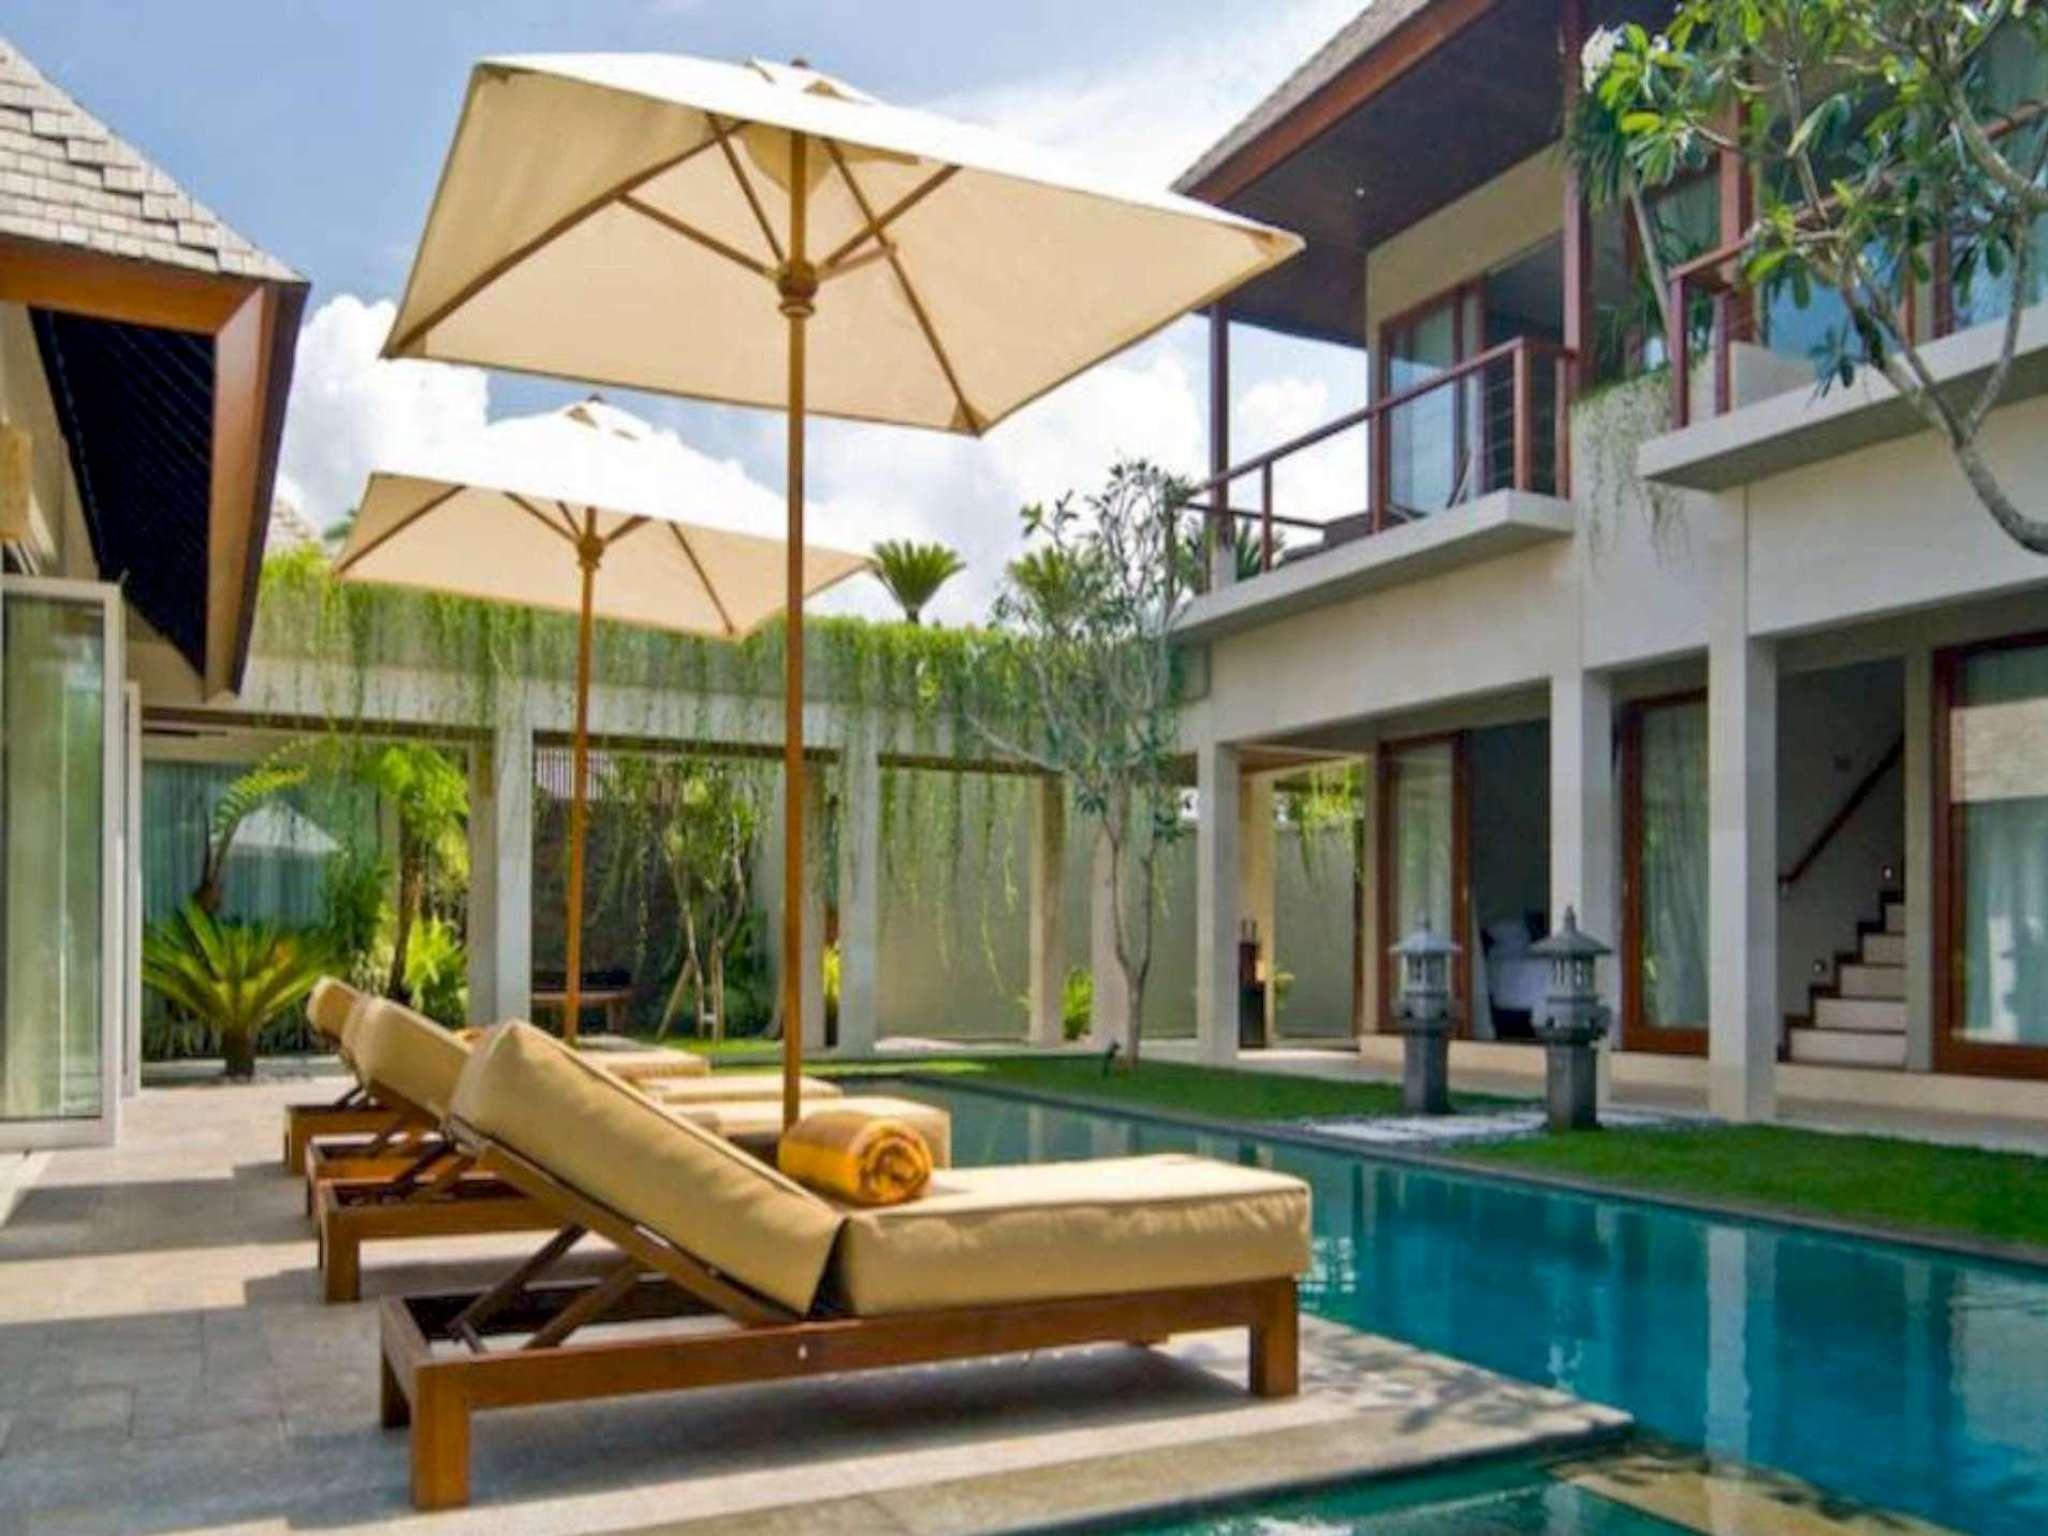 5 BDR Luxury Villa Walking Distance To The Beach